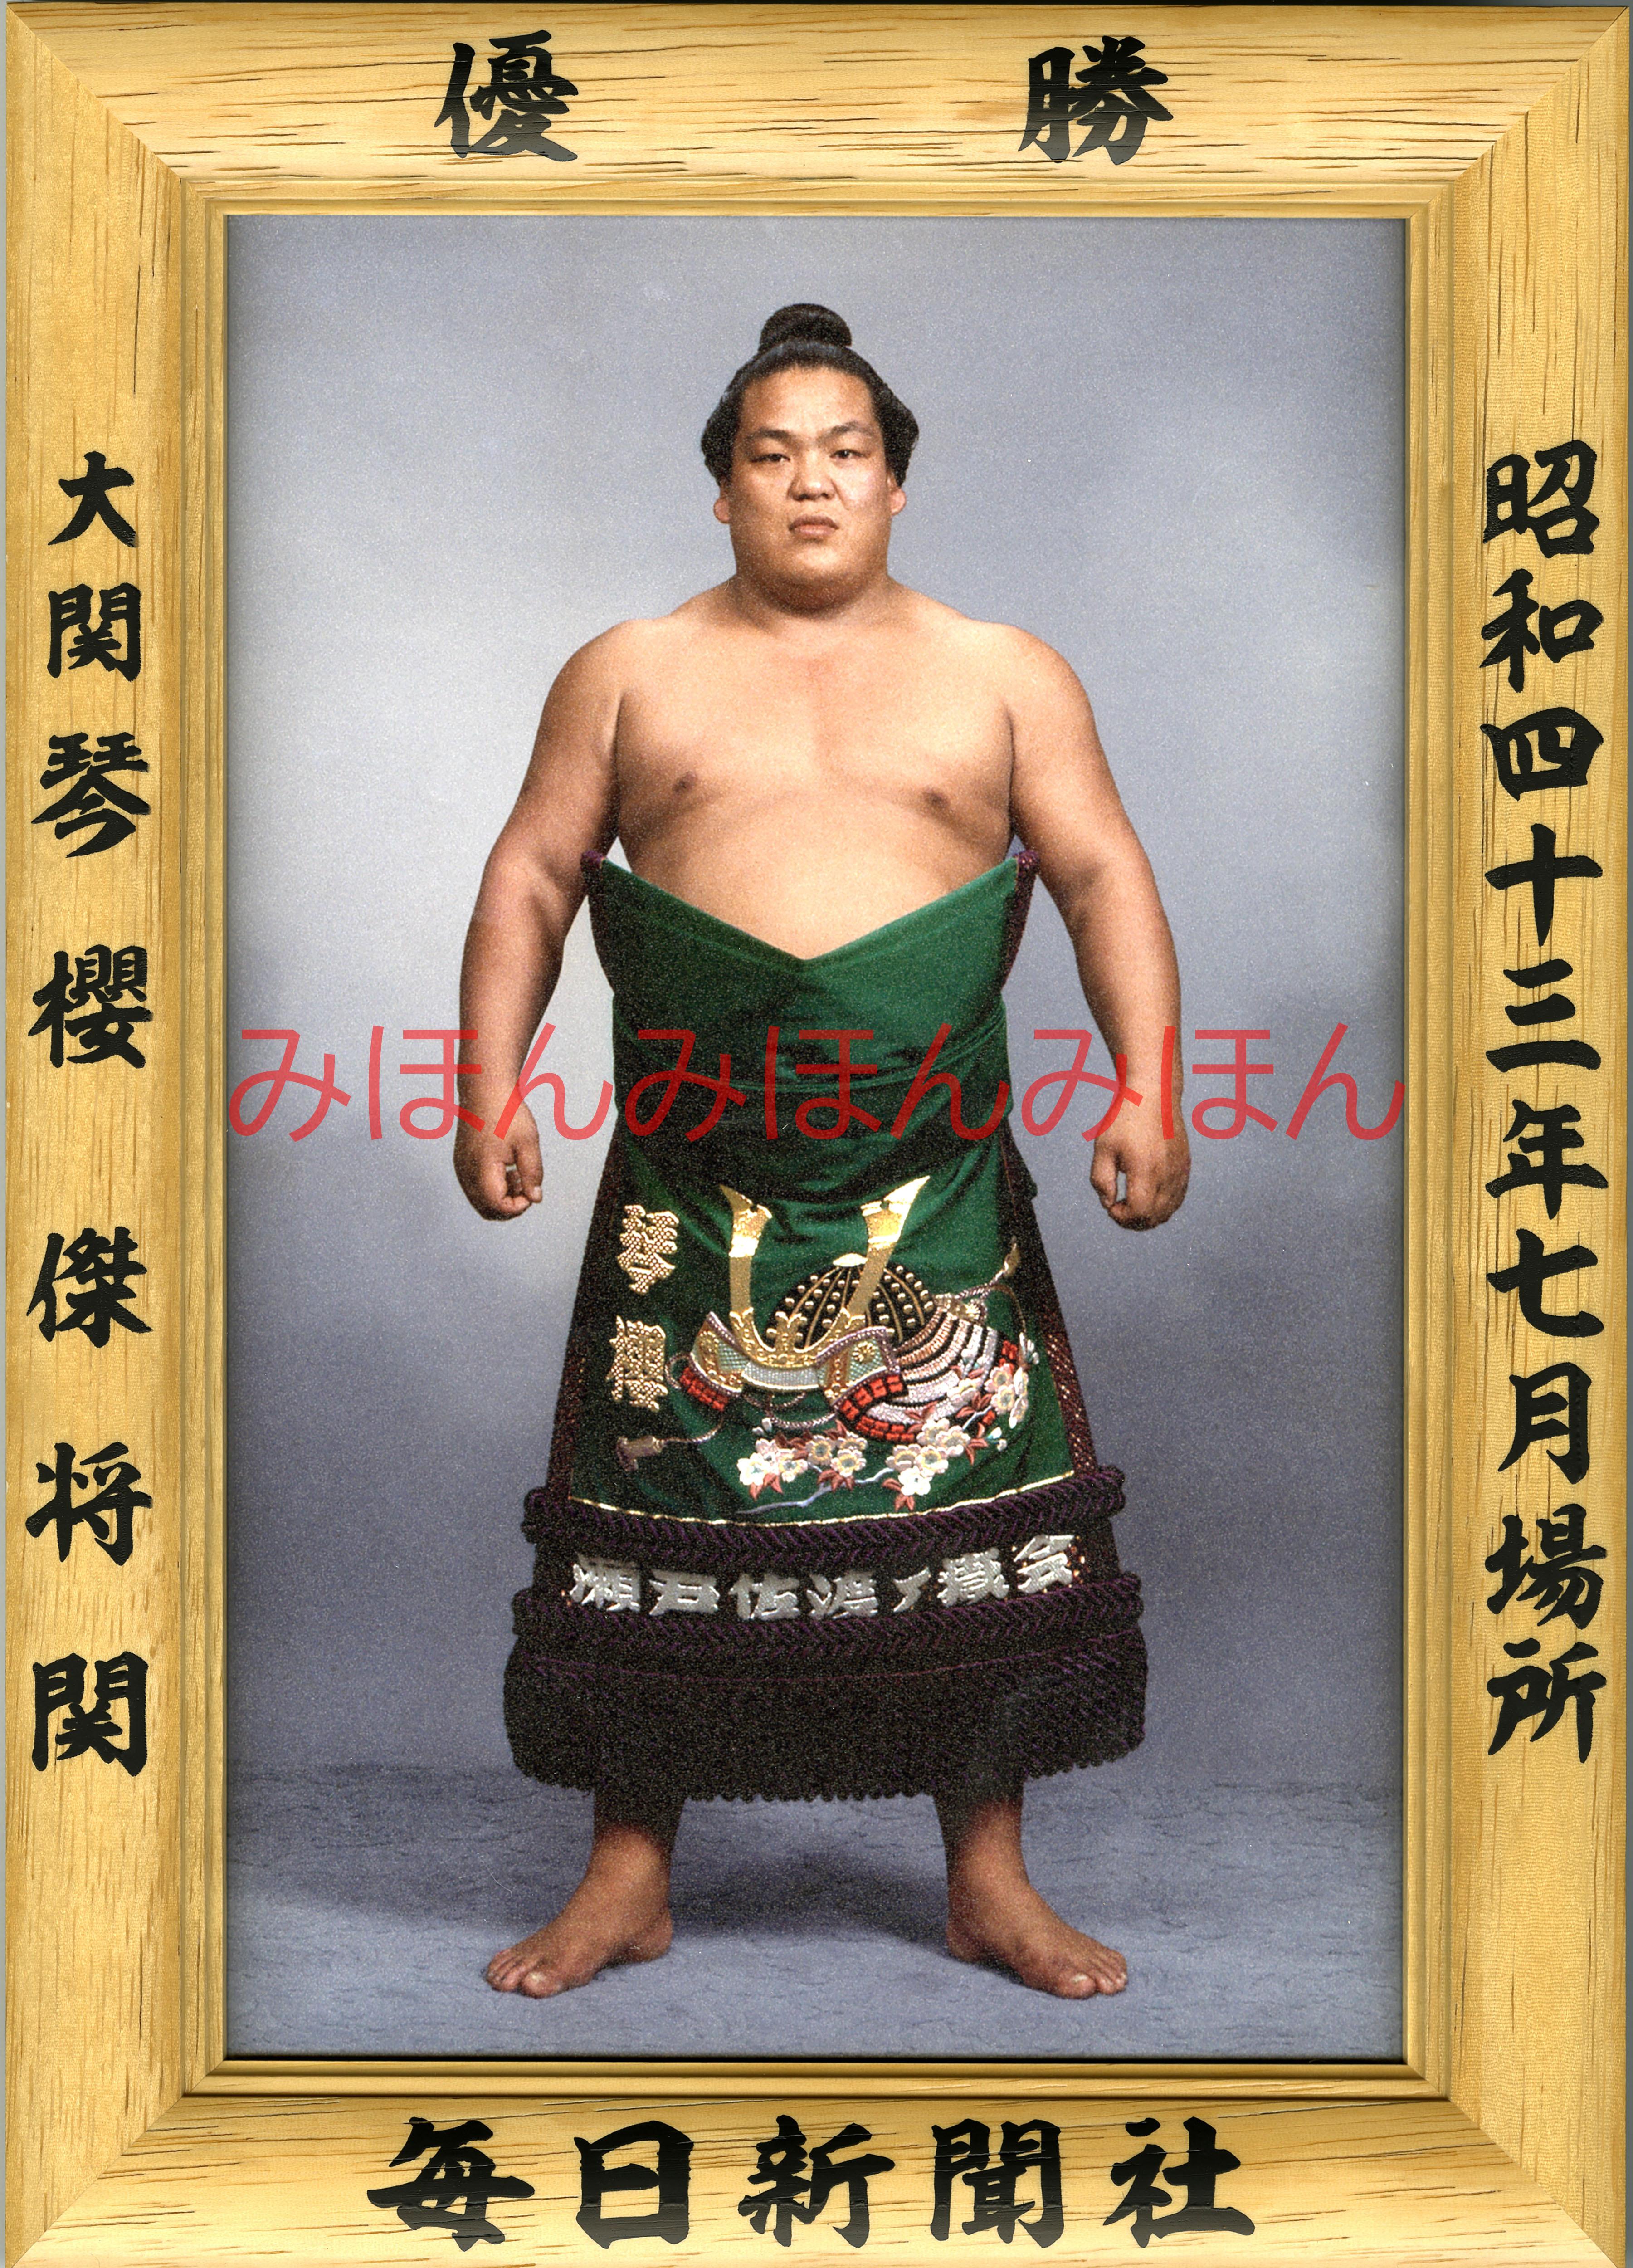 昭和43年7月場所優勝 大関 琴櫻傑将関(初優勝)